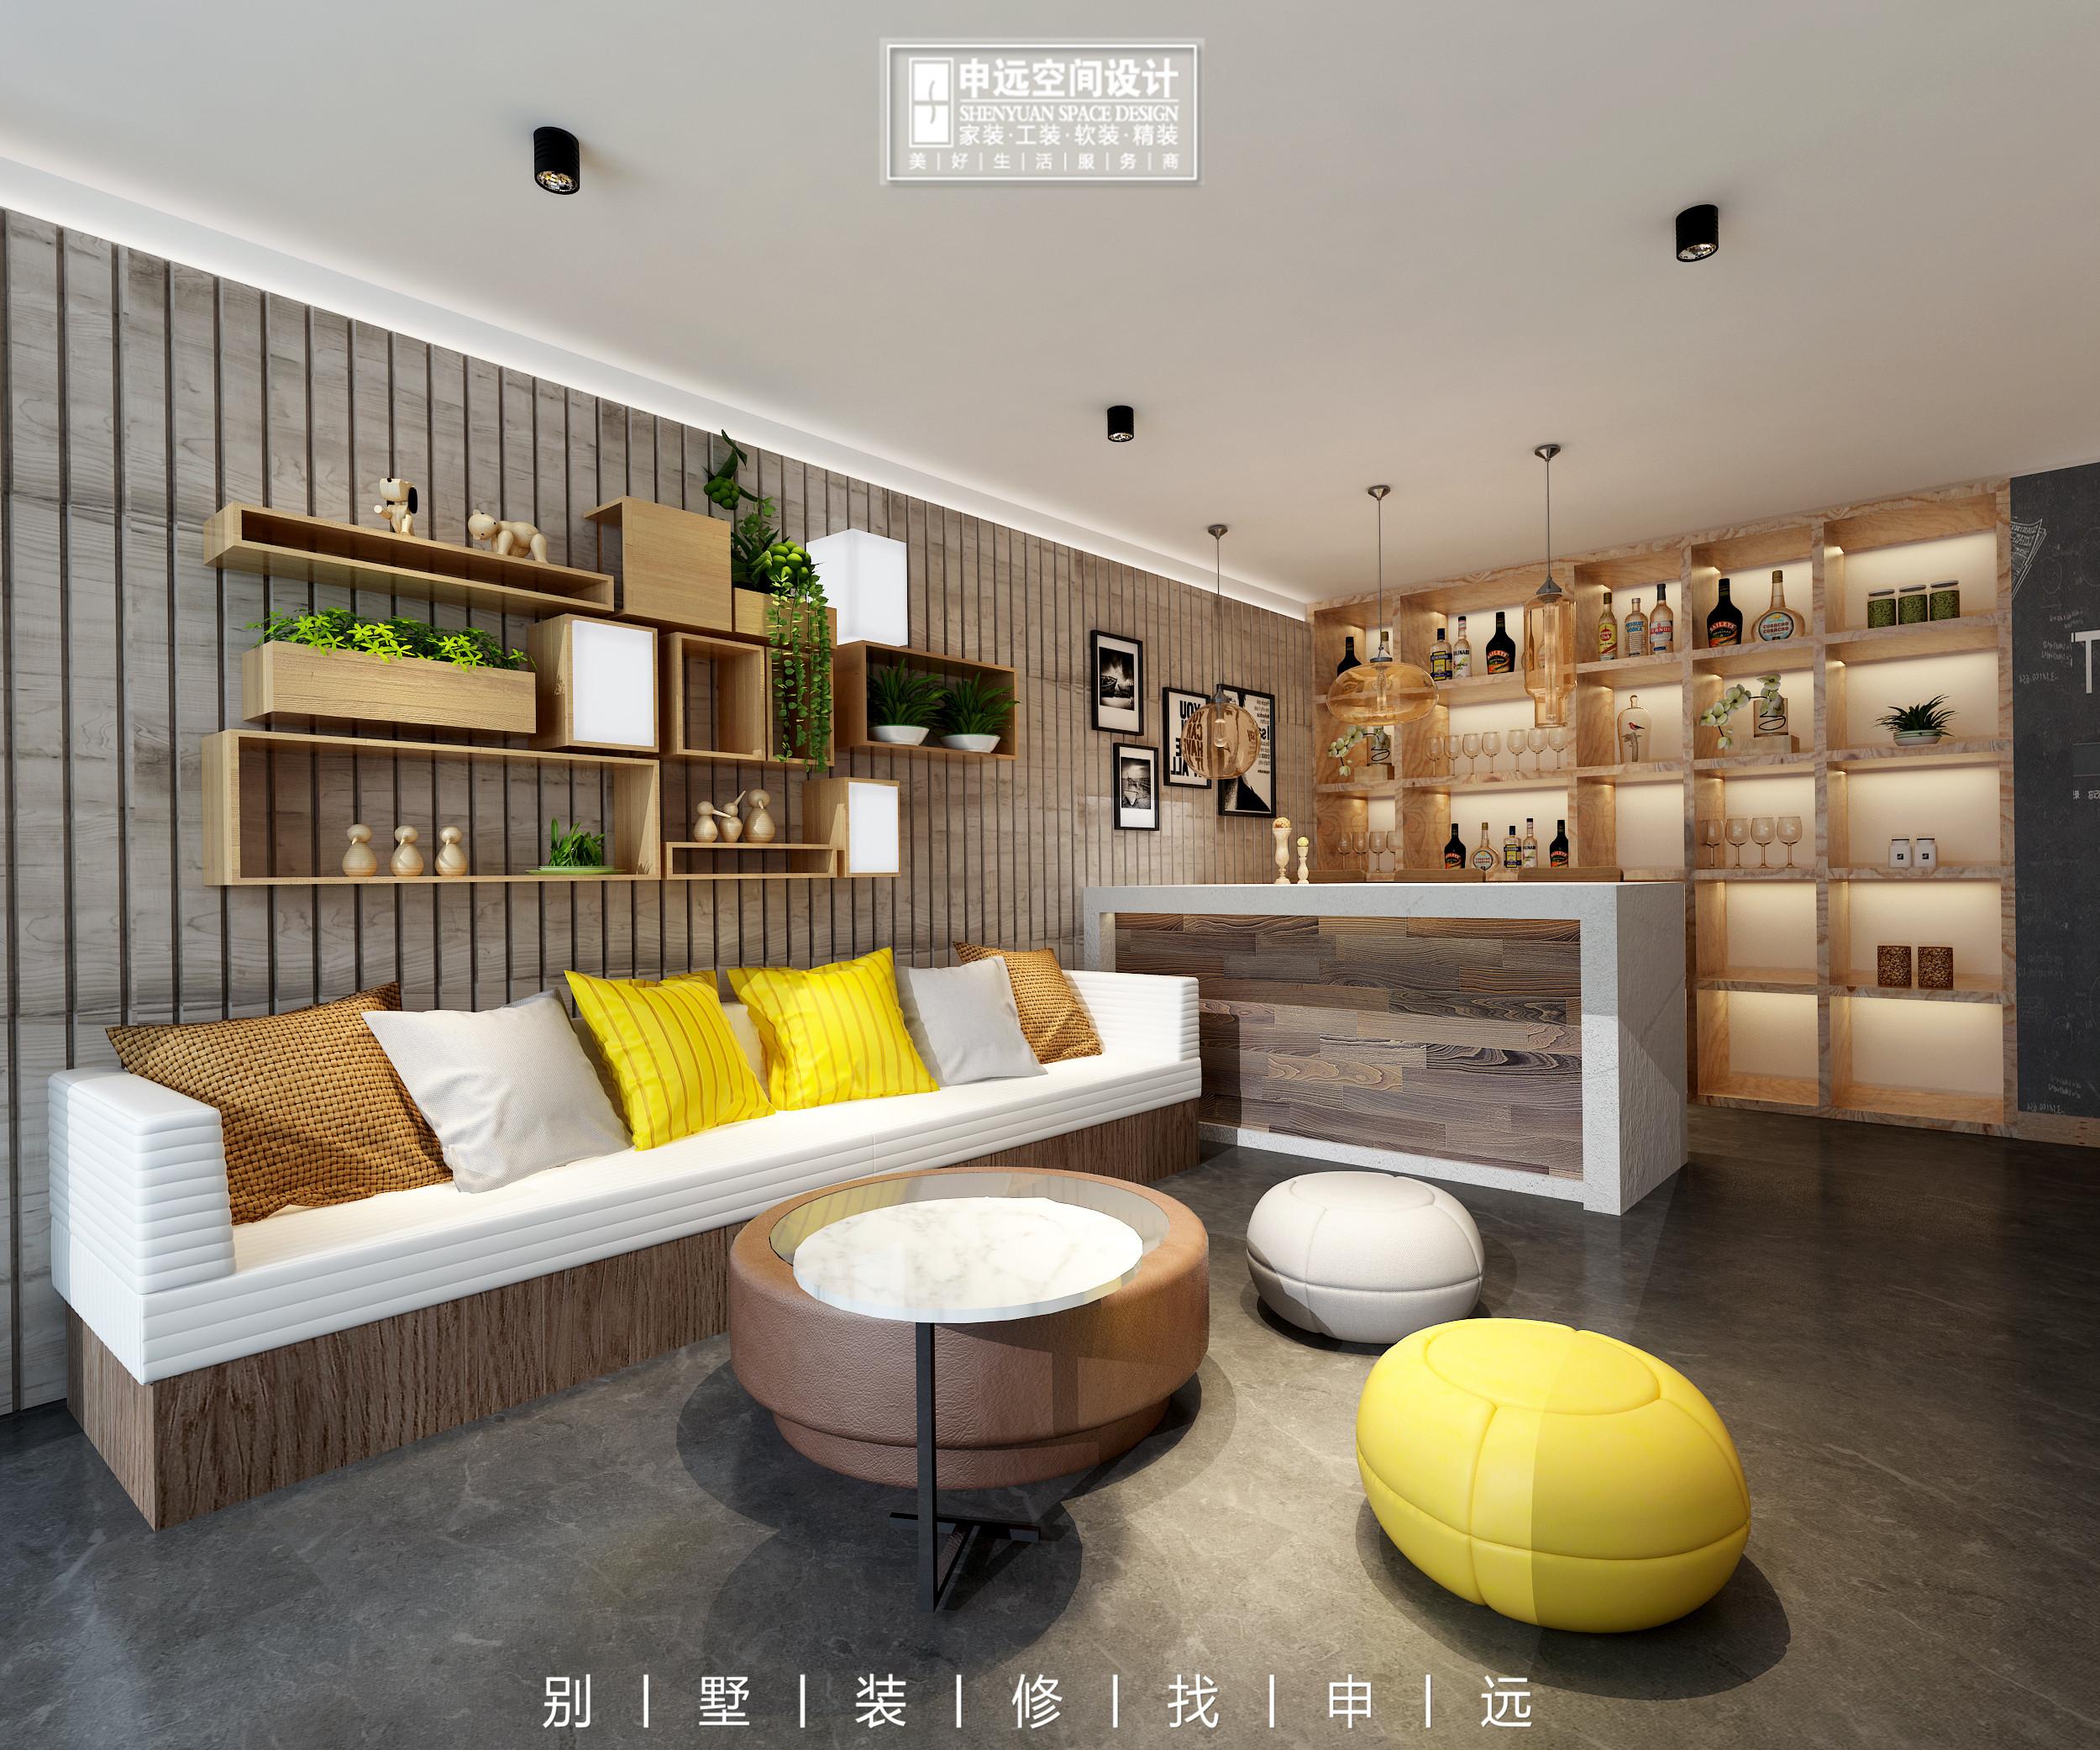 别墅装修 申远 北京申远 其他图片来自申远空间设计北京分公司在北京申远空间设计-别墅装修的分享